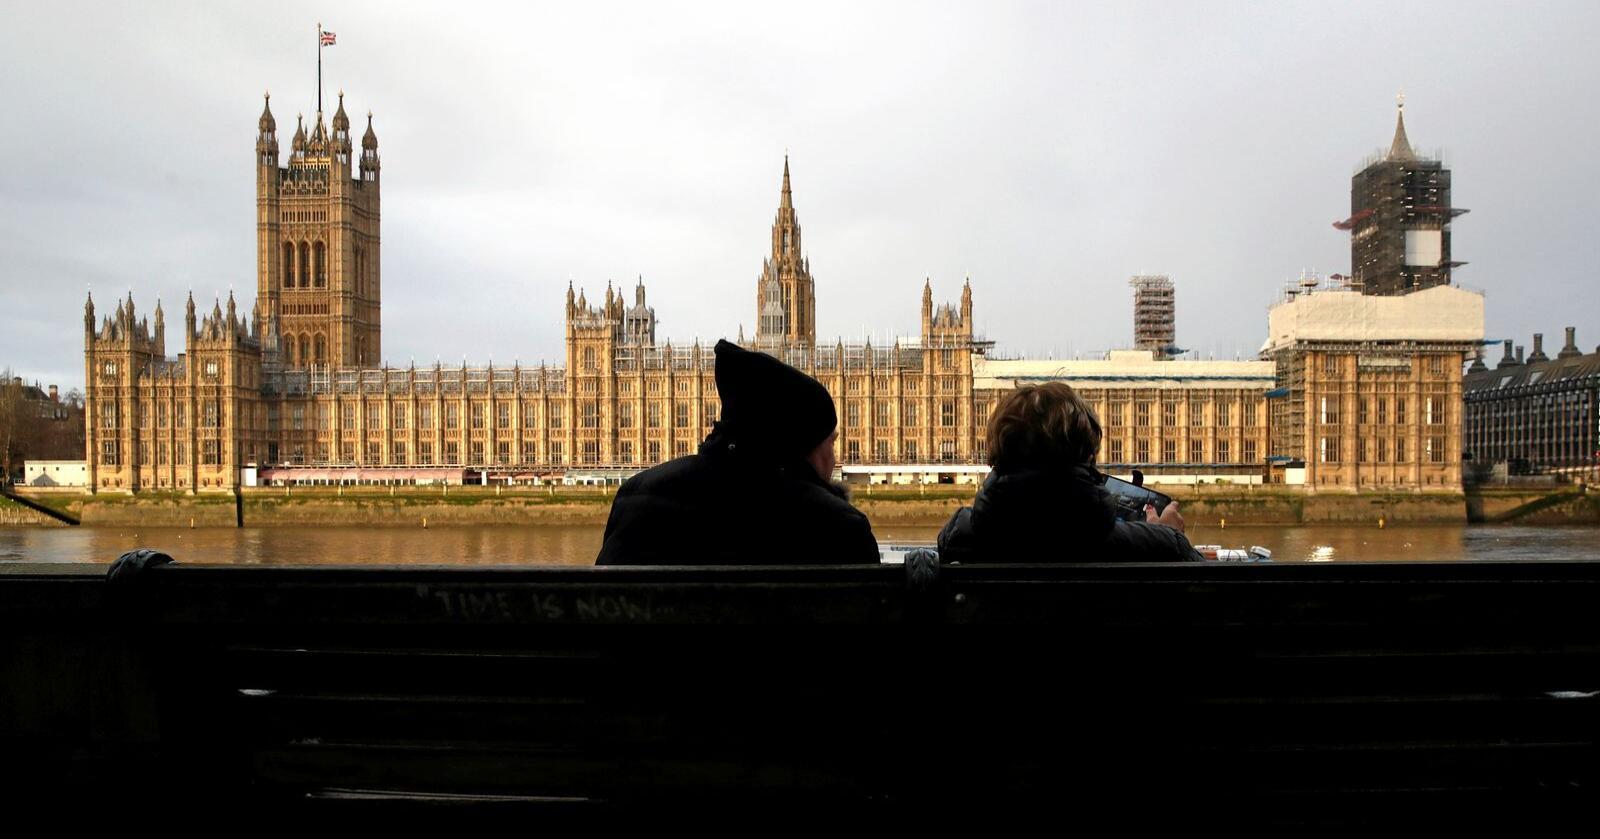 """Mange """"huleboere"""": Brexit-tilhengerne vant valget, og har flertall i det britiske parlamentet. I løpet av januar skal brexit gjennomføres. Foto: AP Photo/Thanassis Stavrakis, NTB scanpix"""